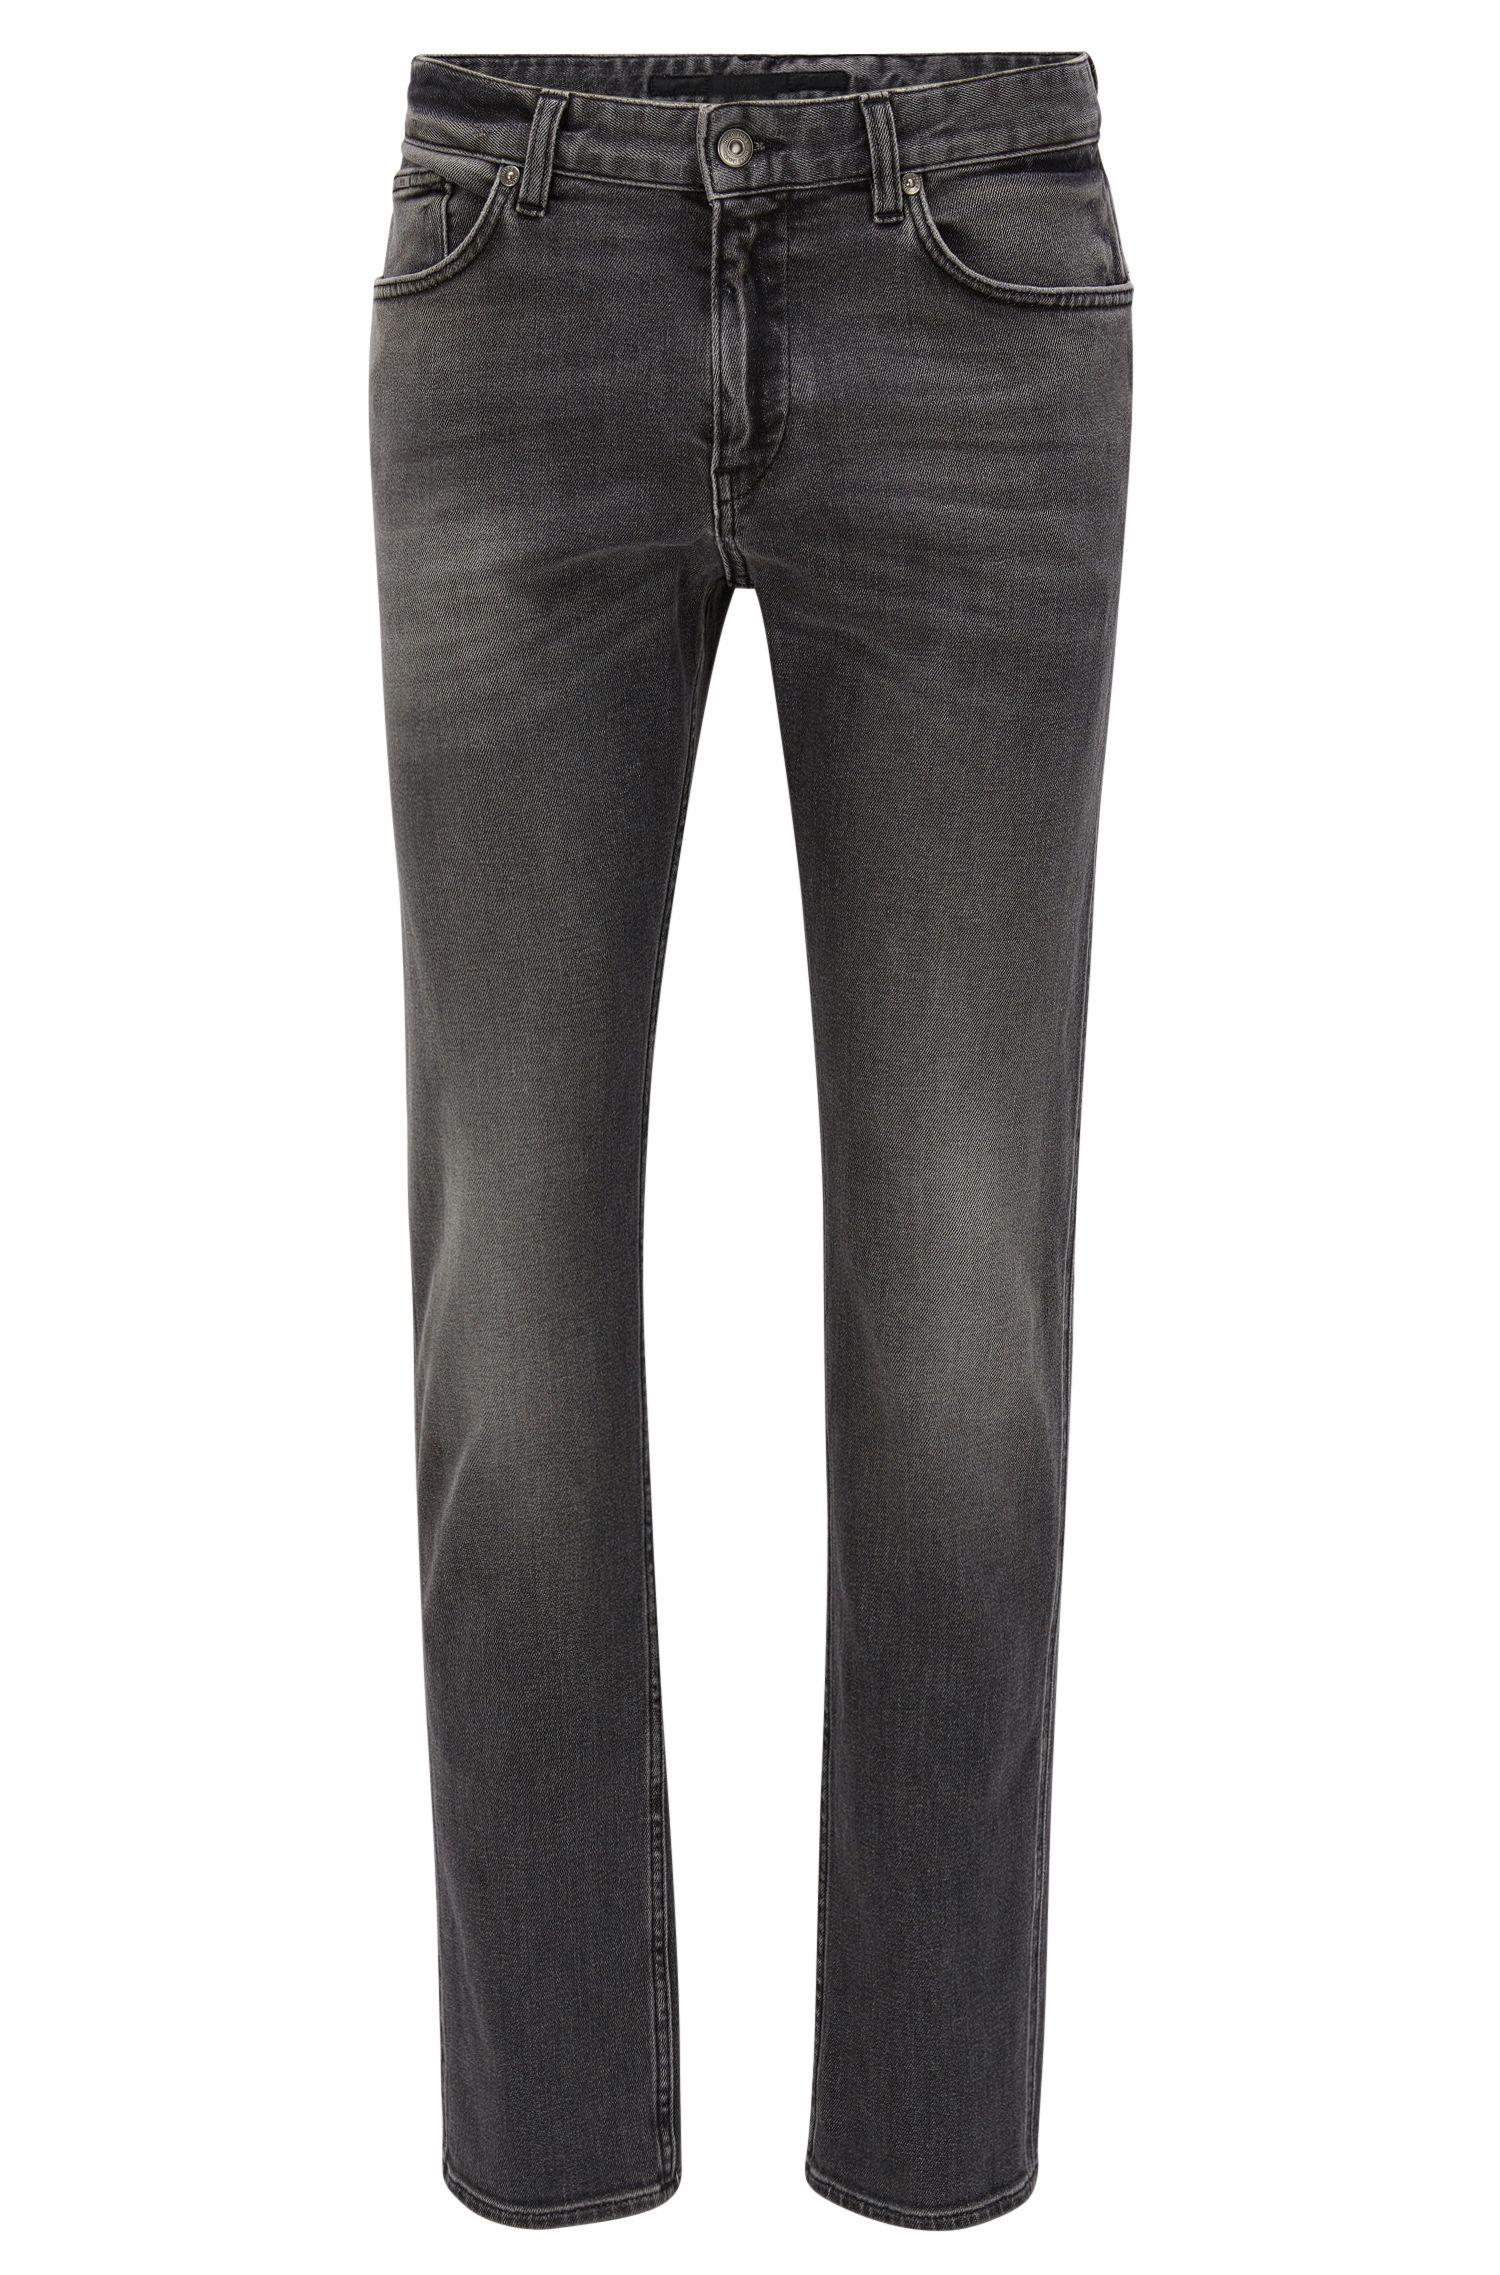 Jeans slim fit in denim elasticizzato grigio dal lavaggio medio